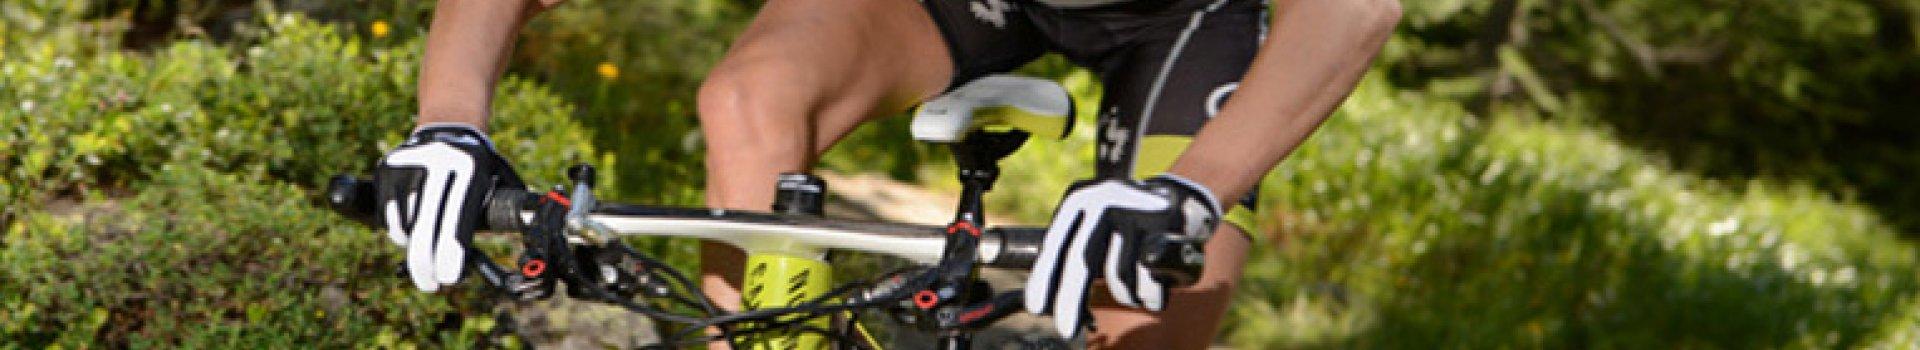 Jak dobrać gripy rowerowe?